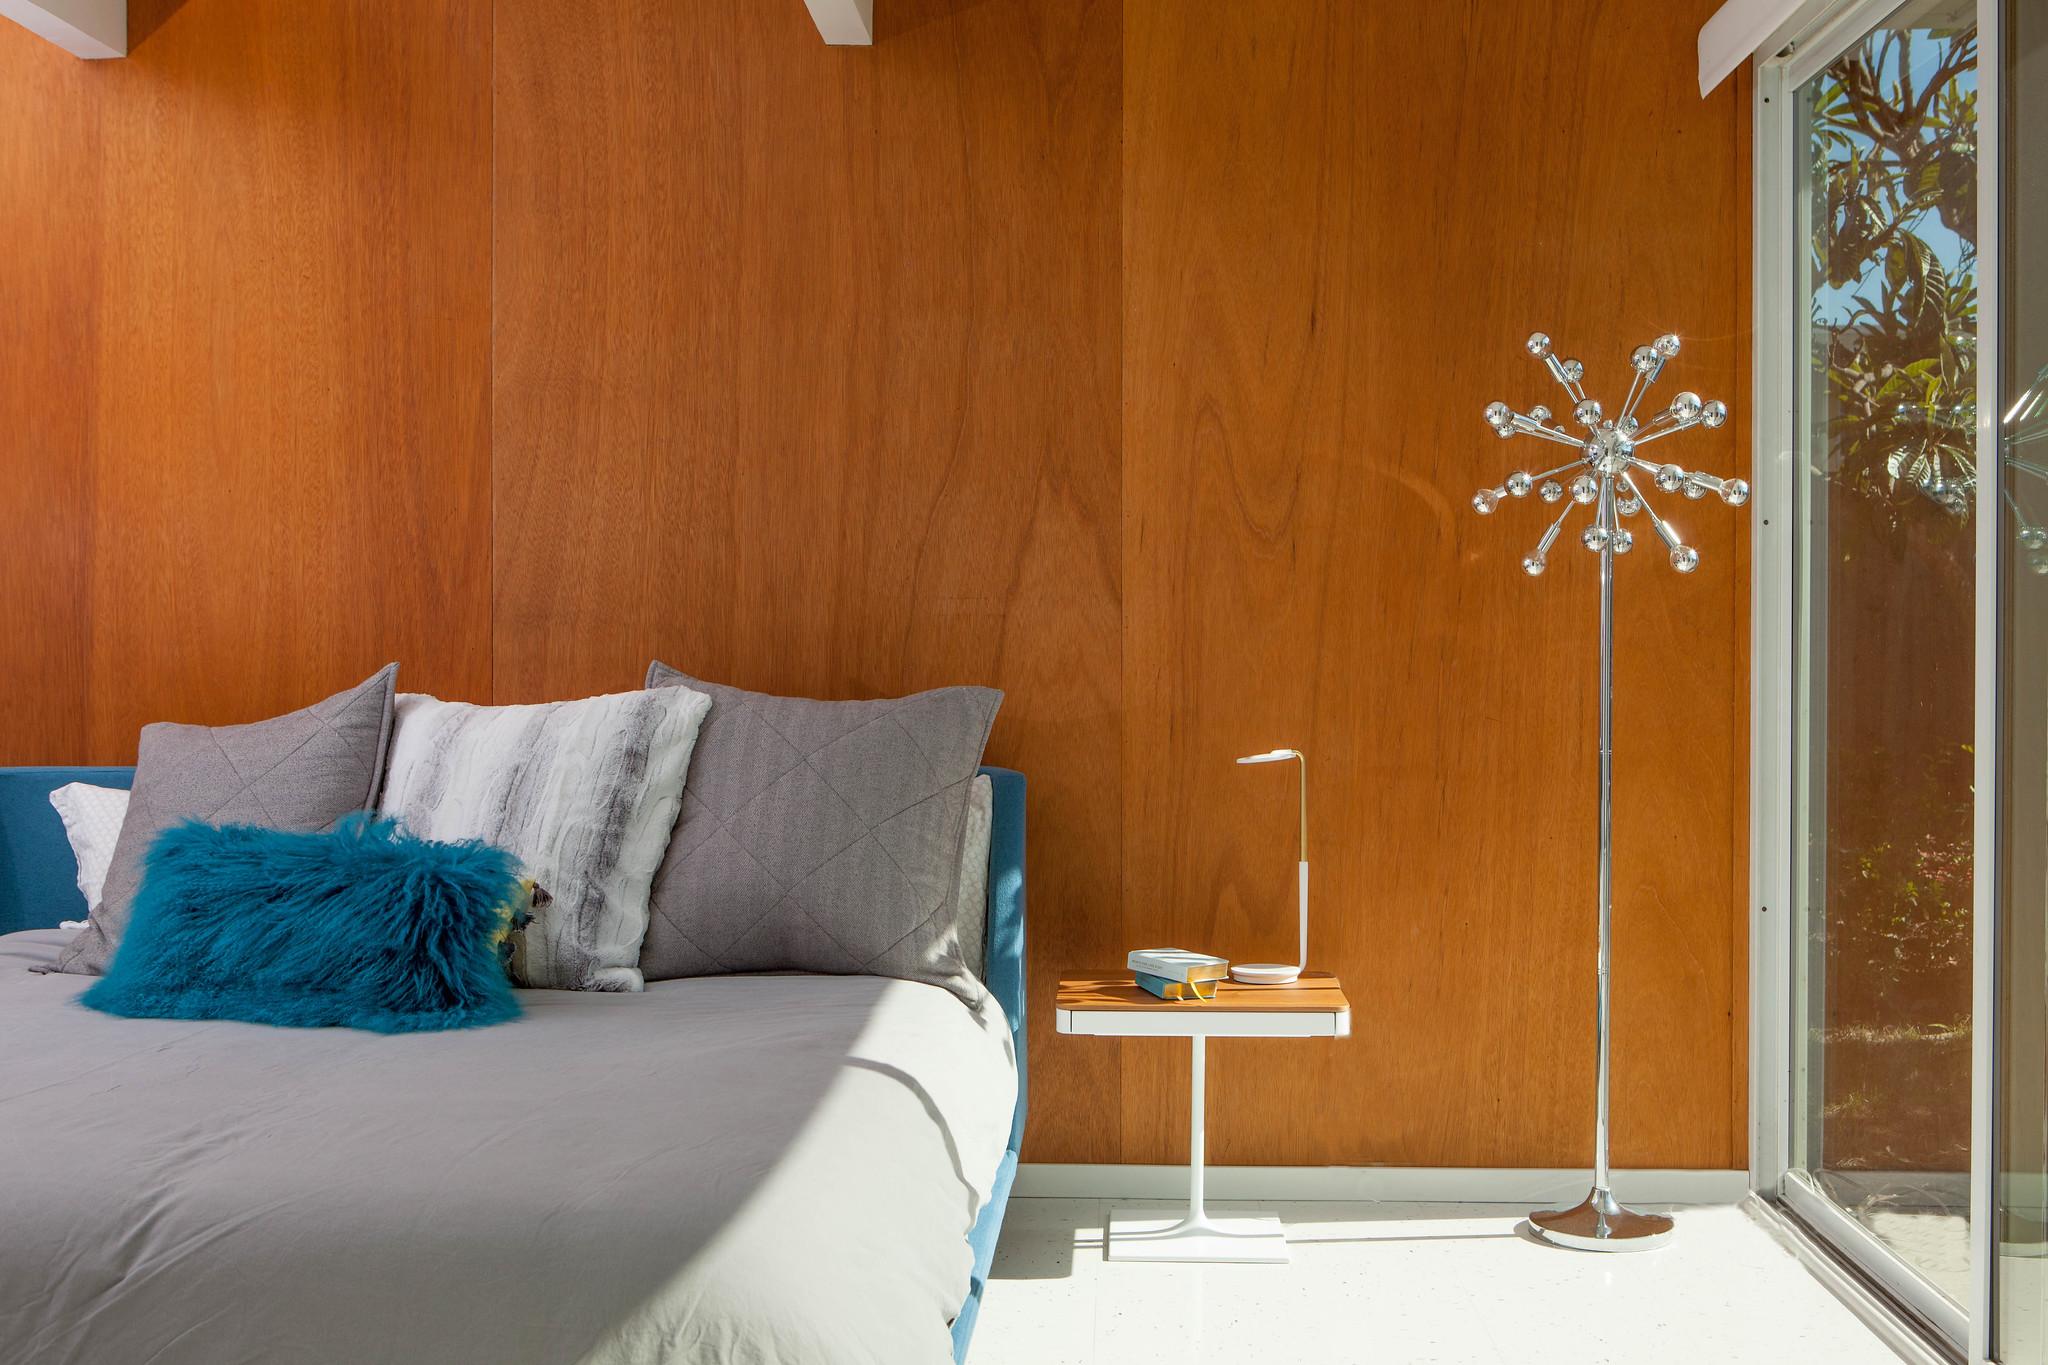 airbnb-bed.jpg